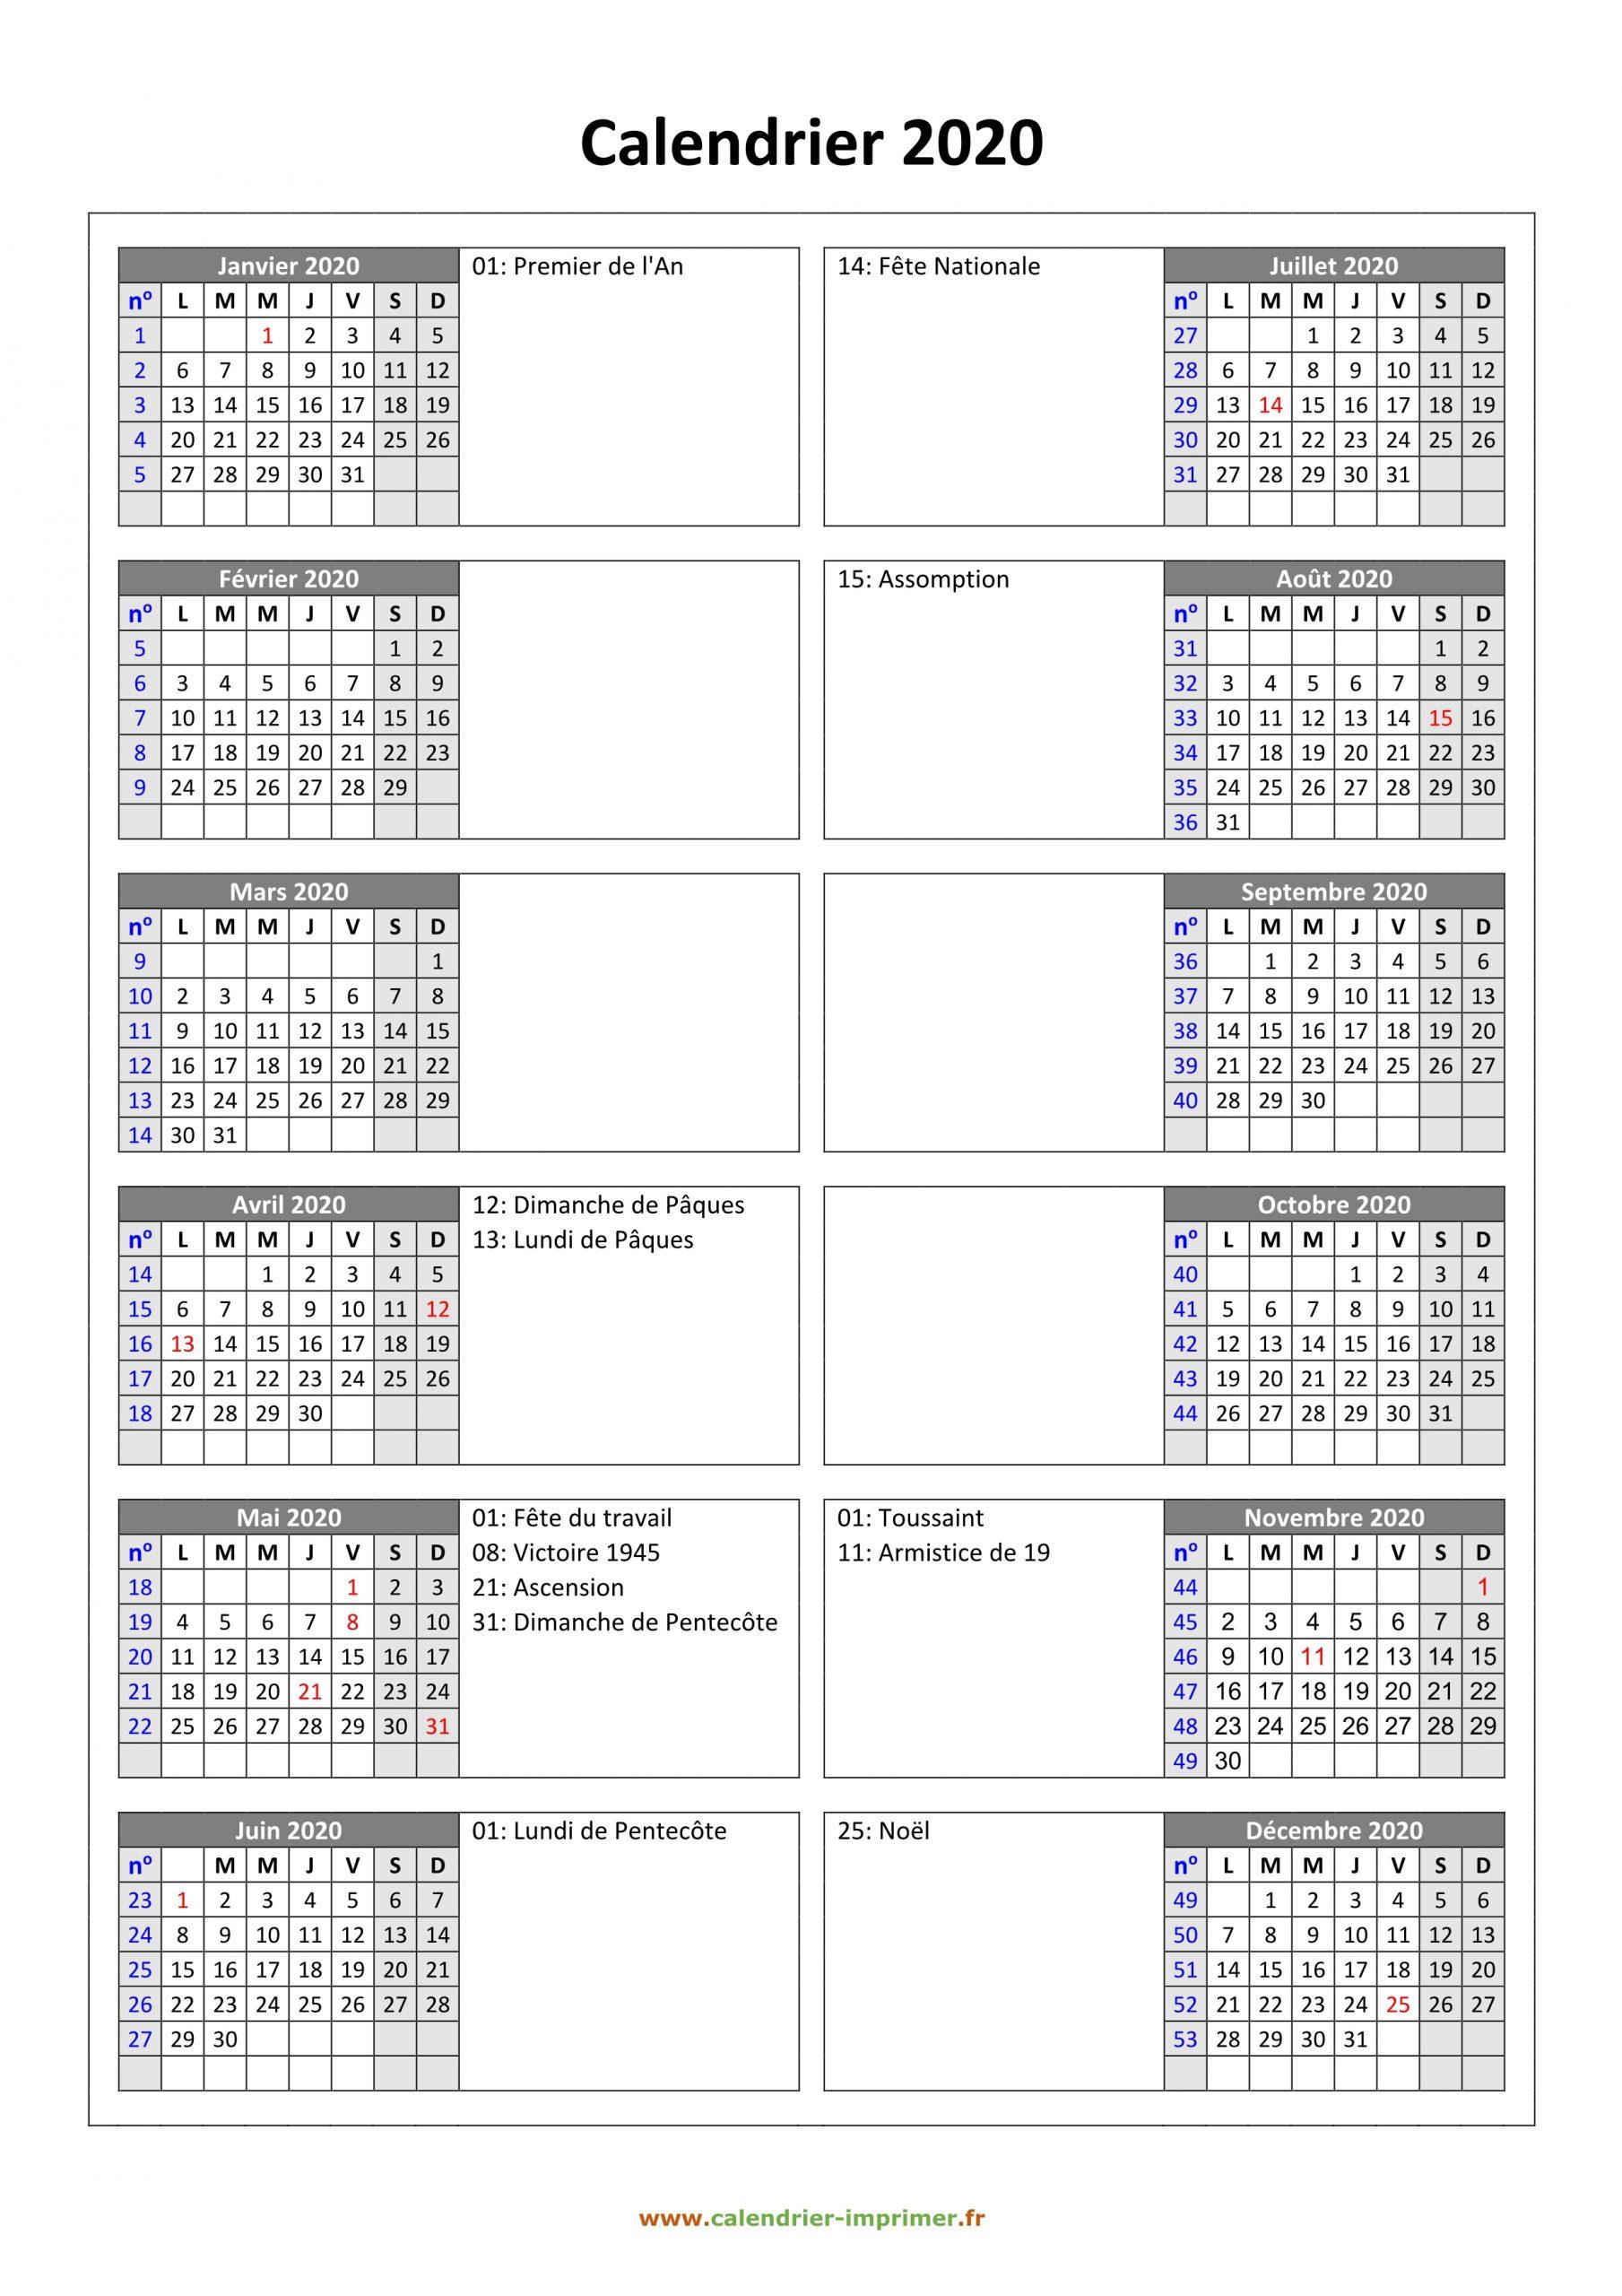 Calendrier 2020 À Imprimer Gratuit avec Agenda 2018 À Imprimer Gratuit